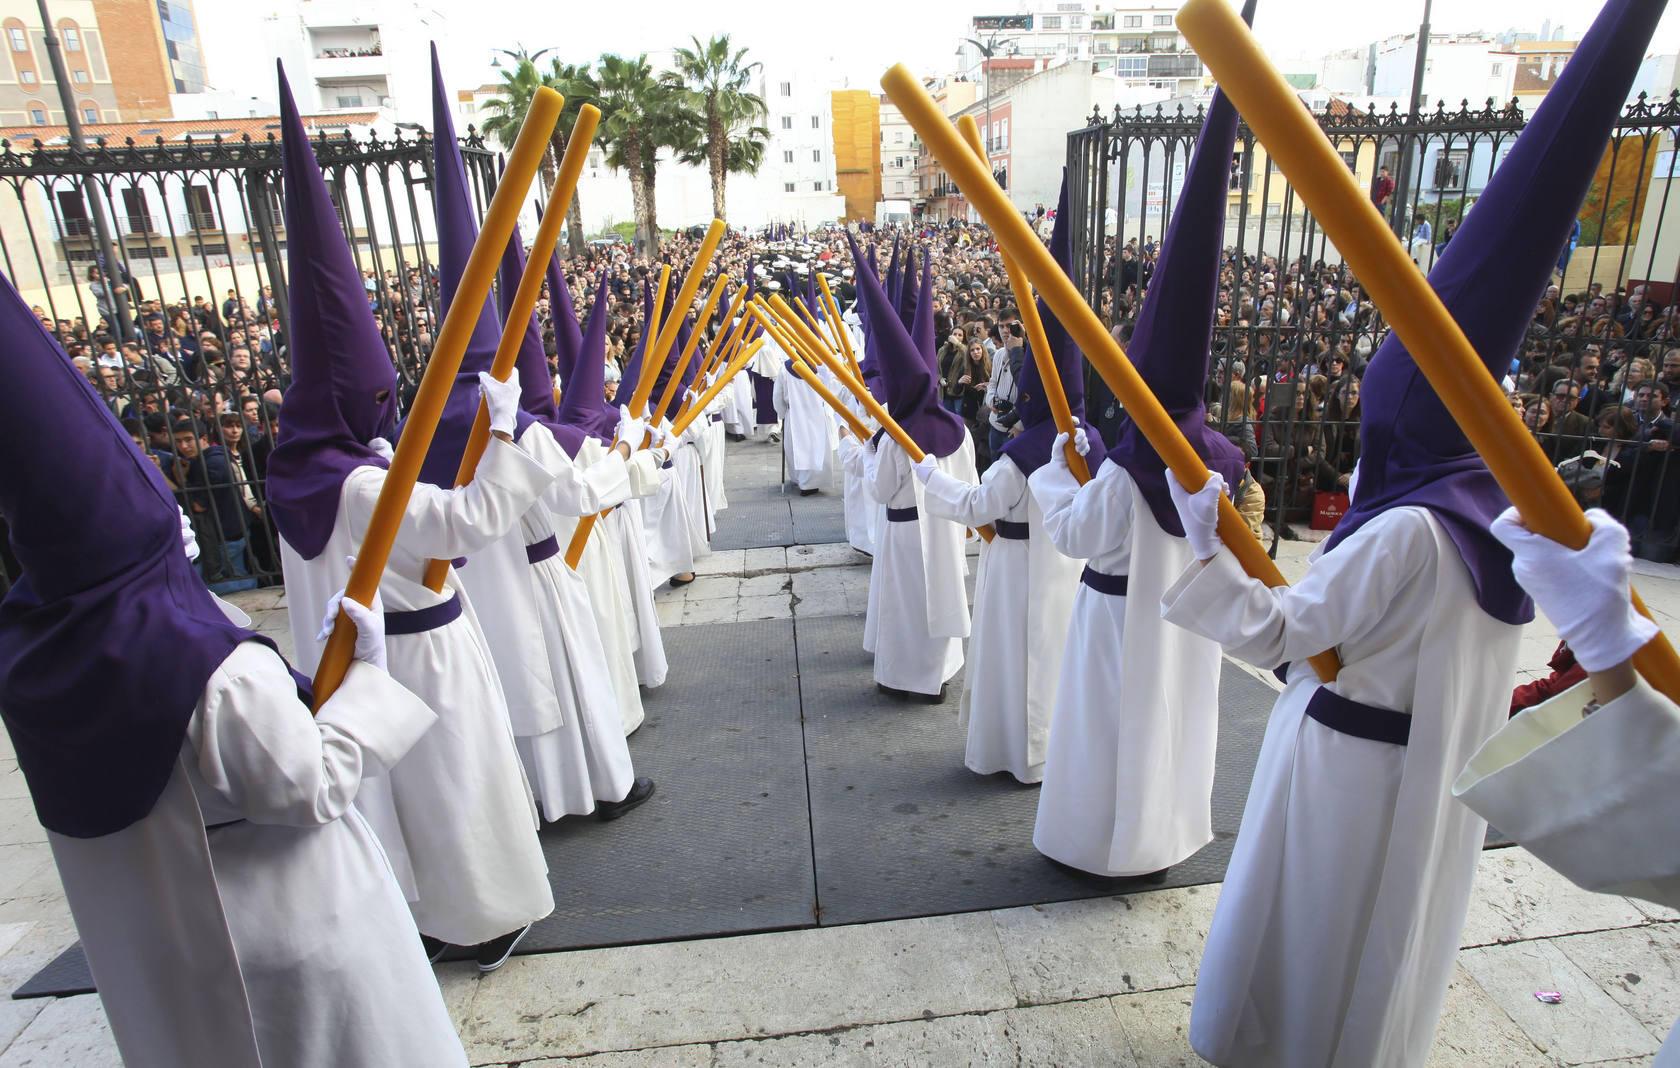 Las mejores imágenes del Domingo de Ramos